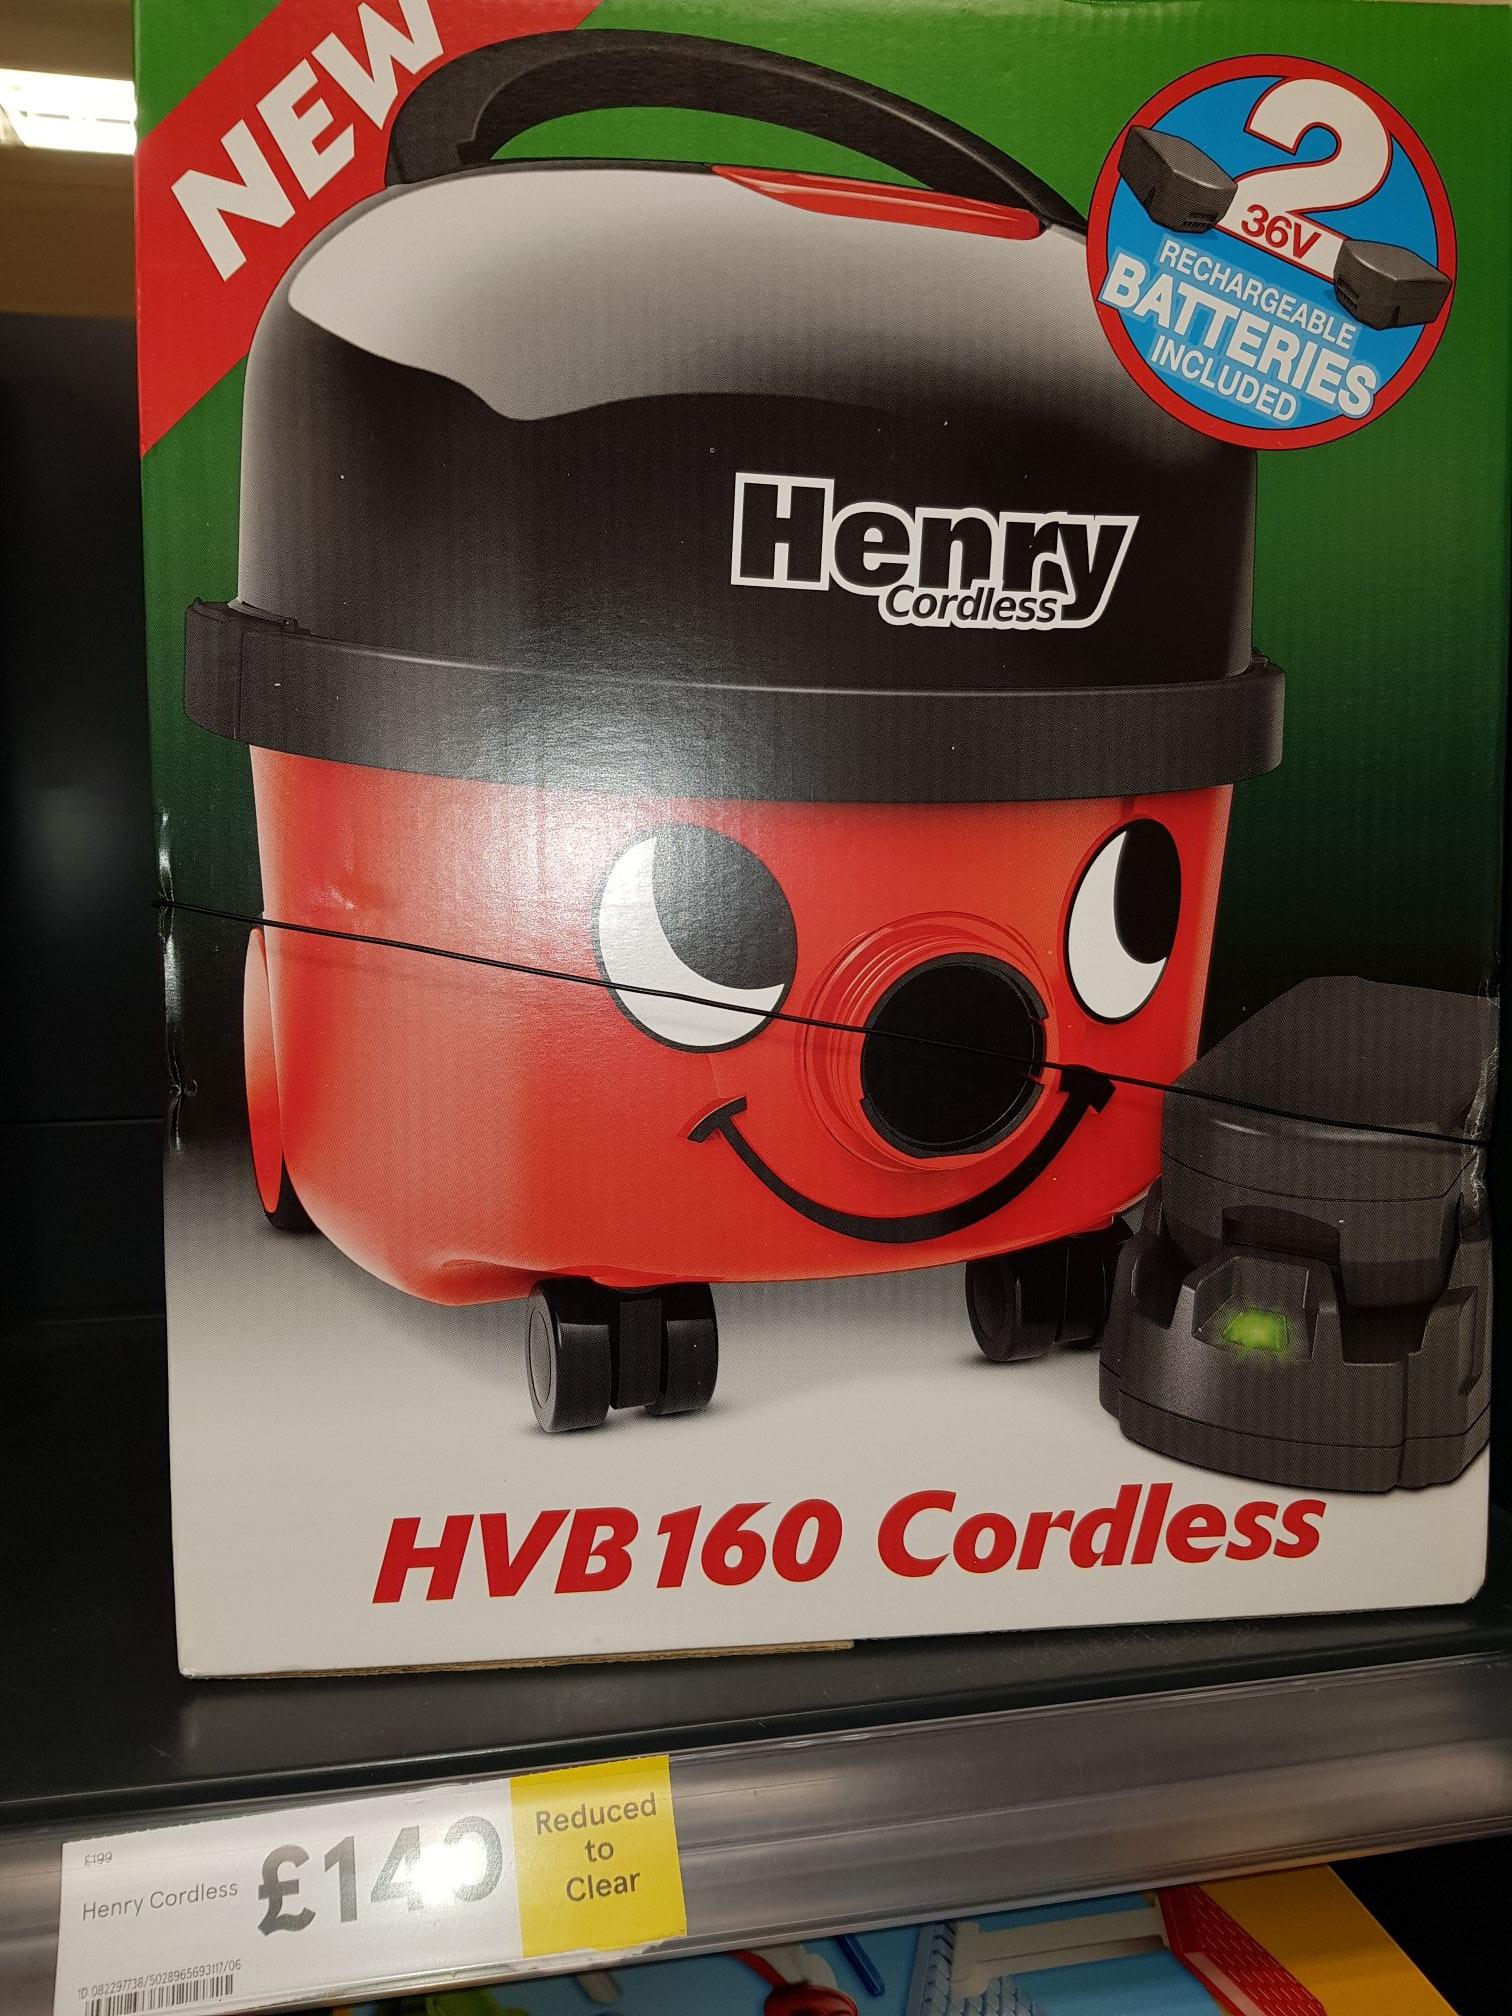 Henry HVB160 cordless hoover Inc. 2 batteries £140 at Tesco instore